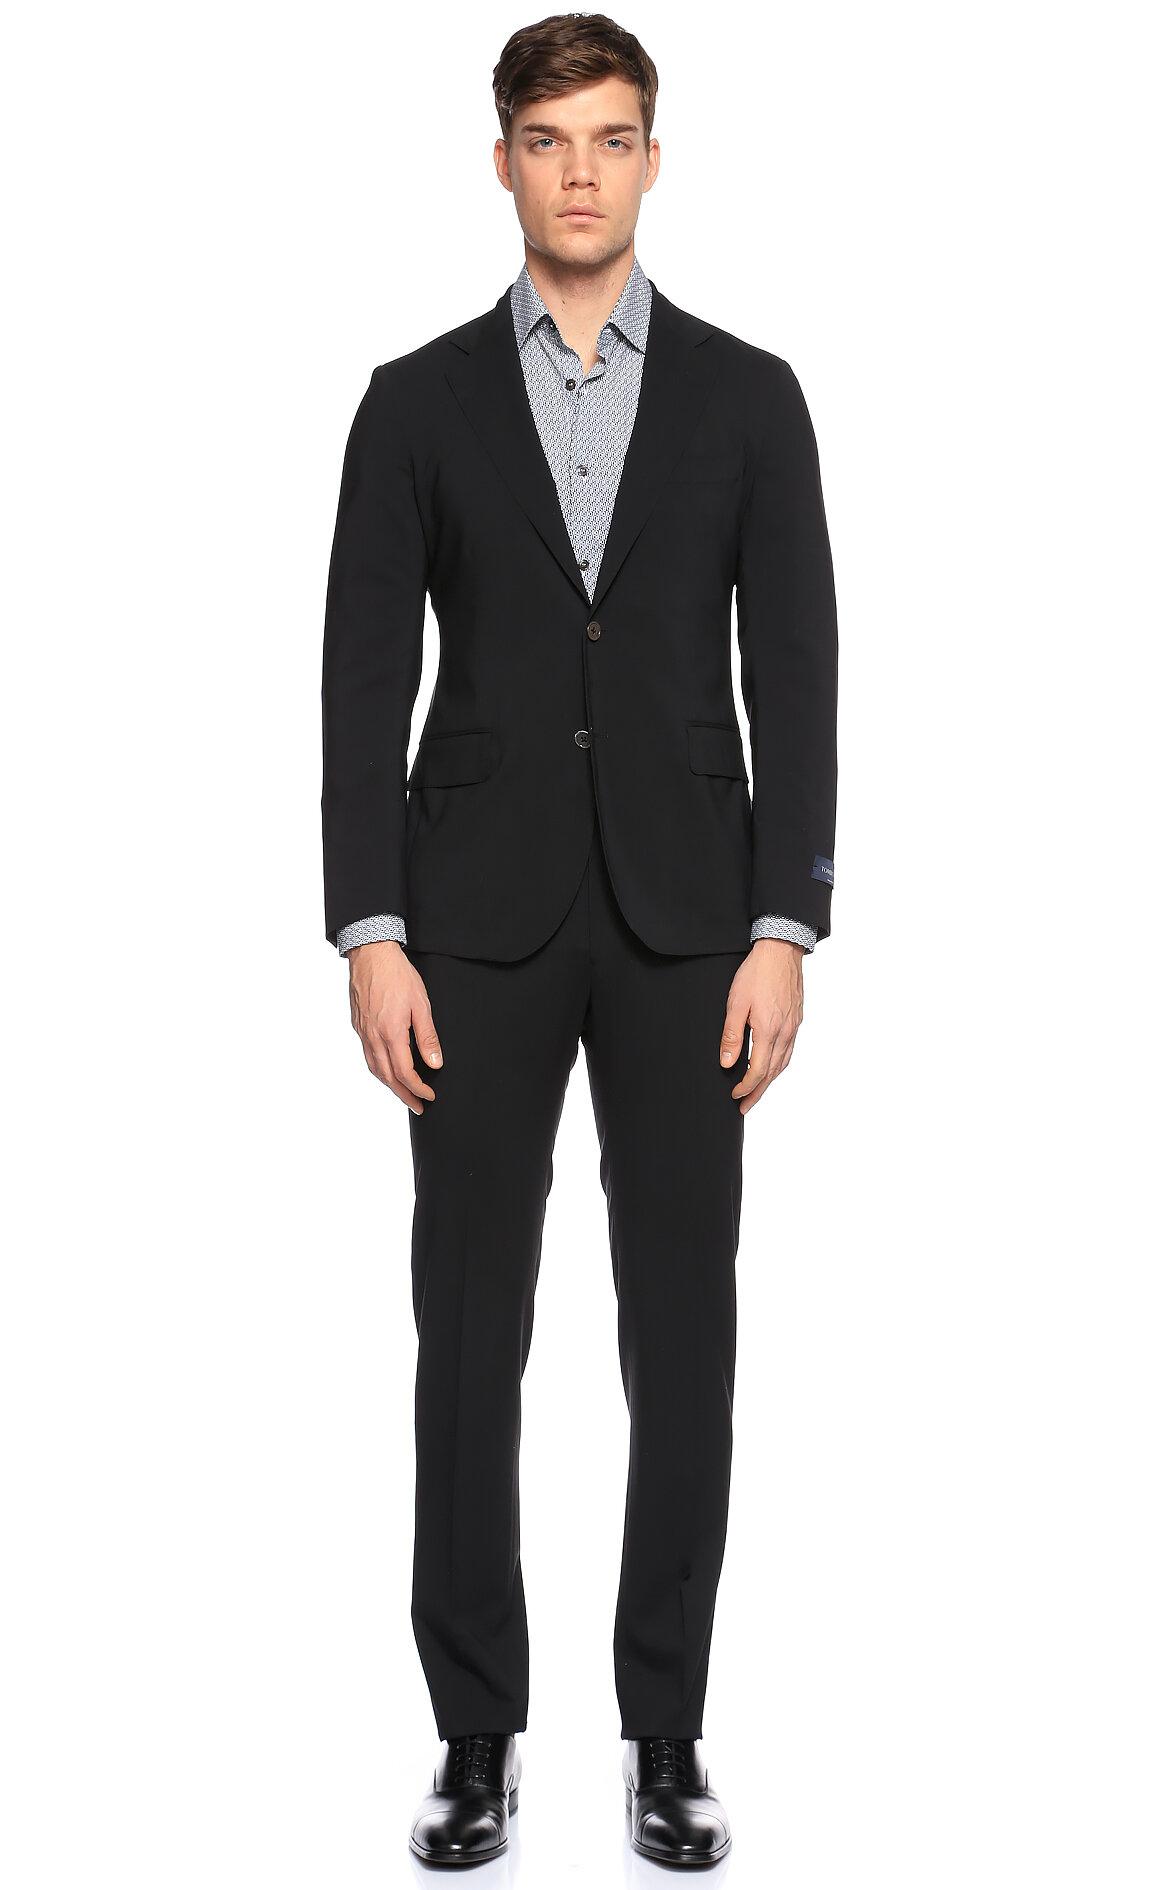 Tombolini-Tombolini Siyah Takım Elbise